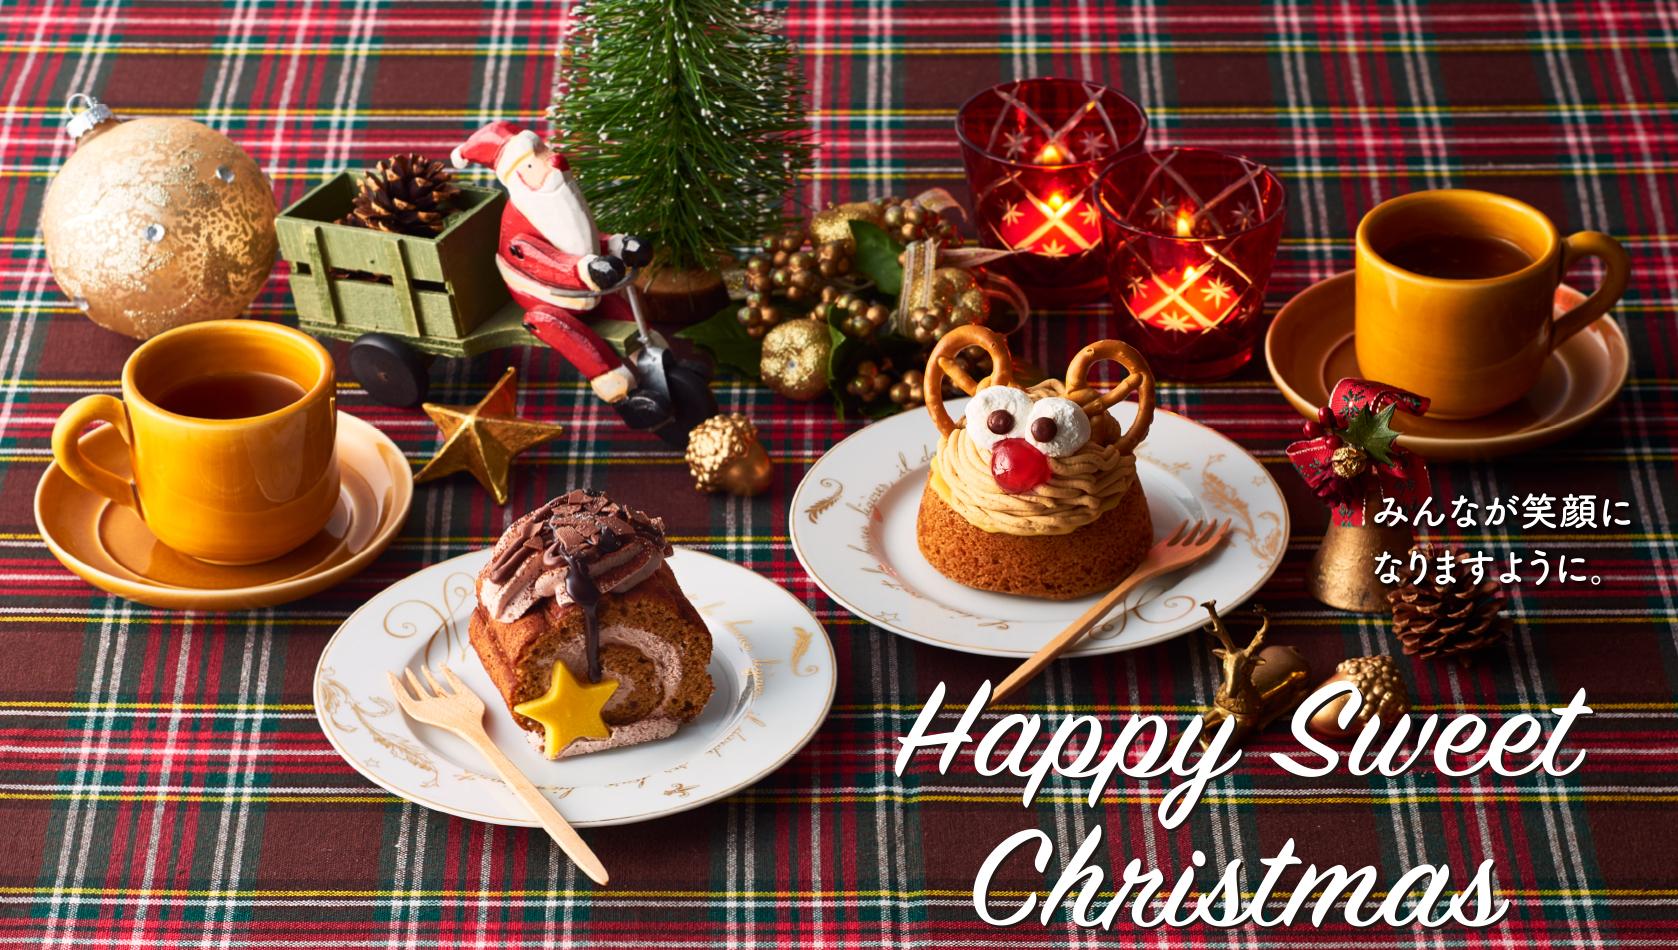 みんなが笑顔になりますように。Happy Sweet Christmas